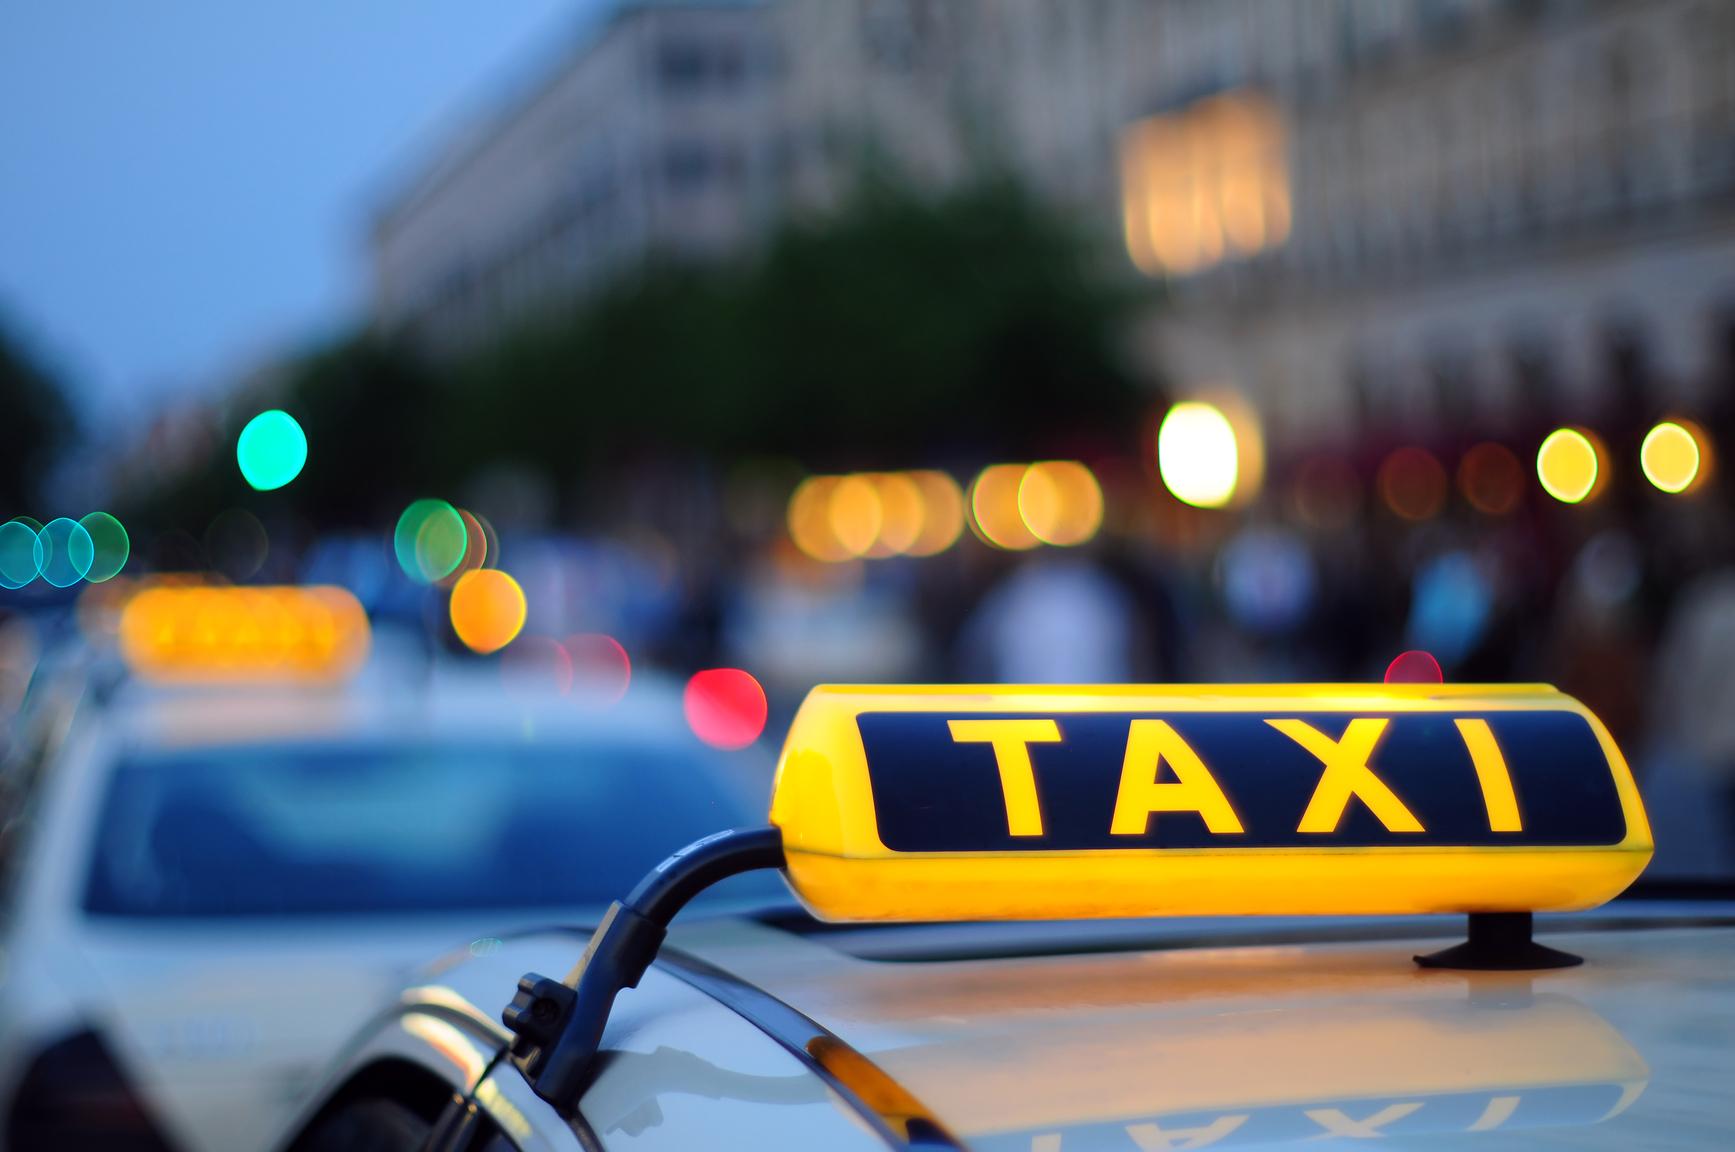 Харьковский таксист покалечил пассажиров (ФОТО, ВИДЕО)